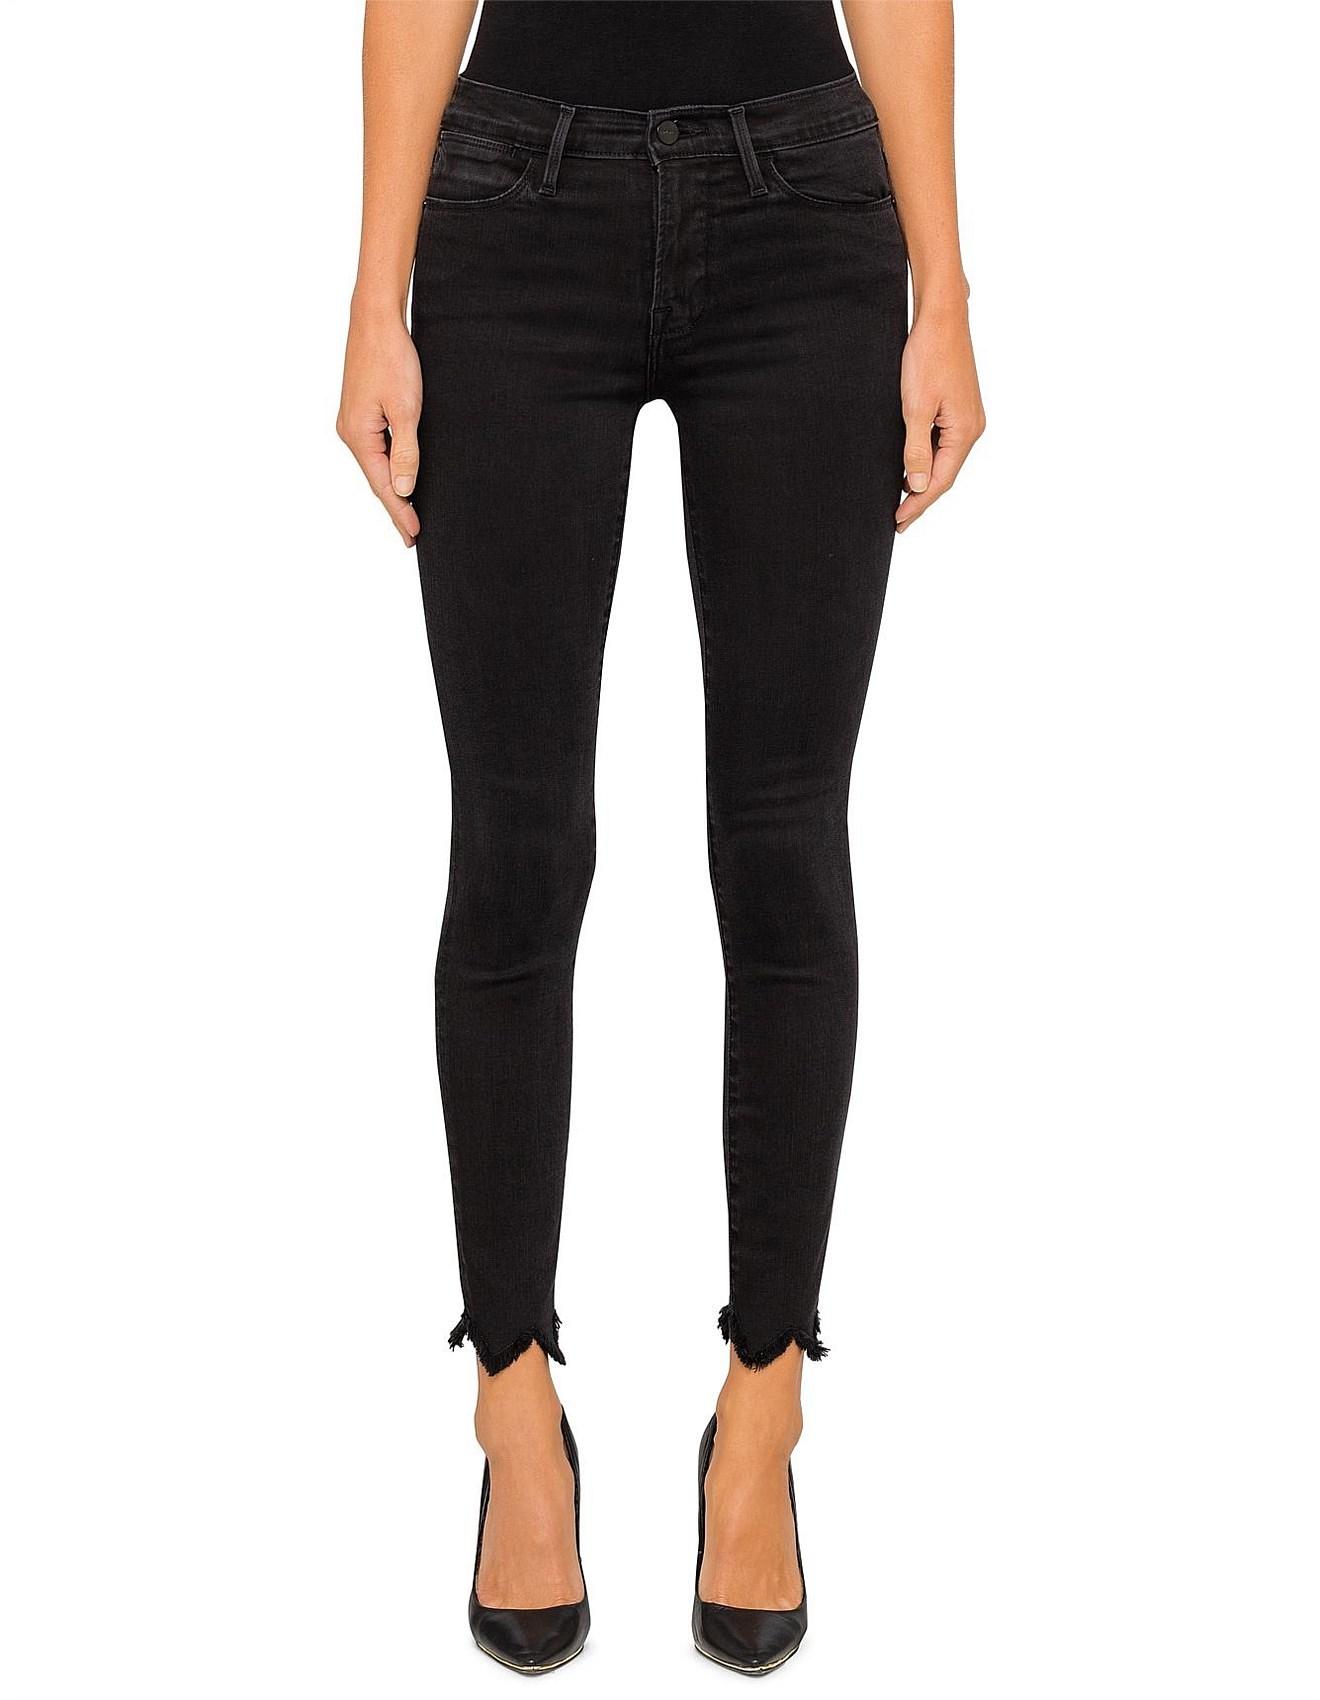 Jeans Amp Denim For Women Women S Jeans Amp Denim David